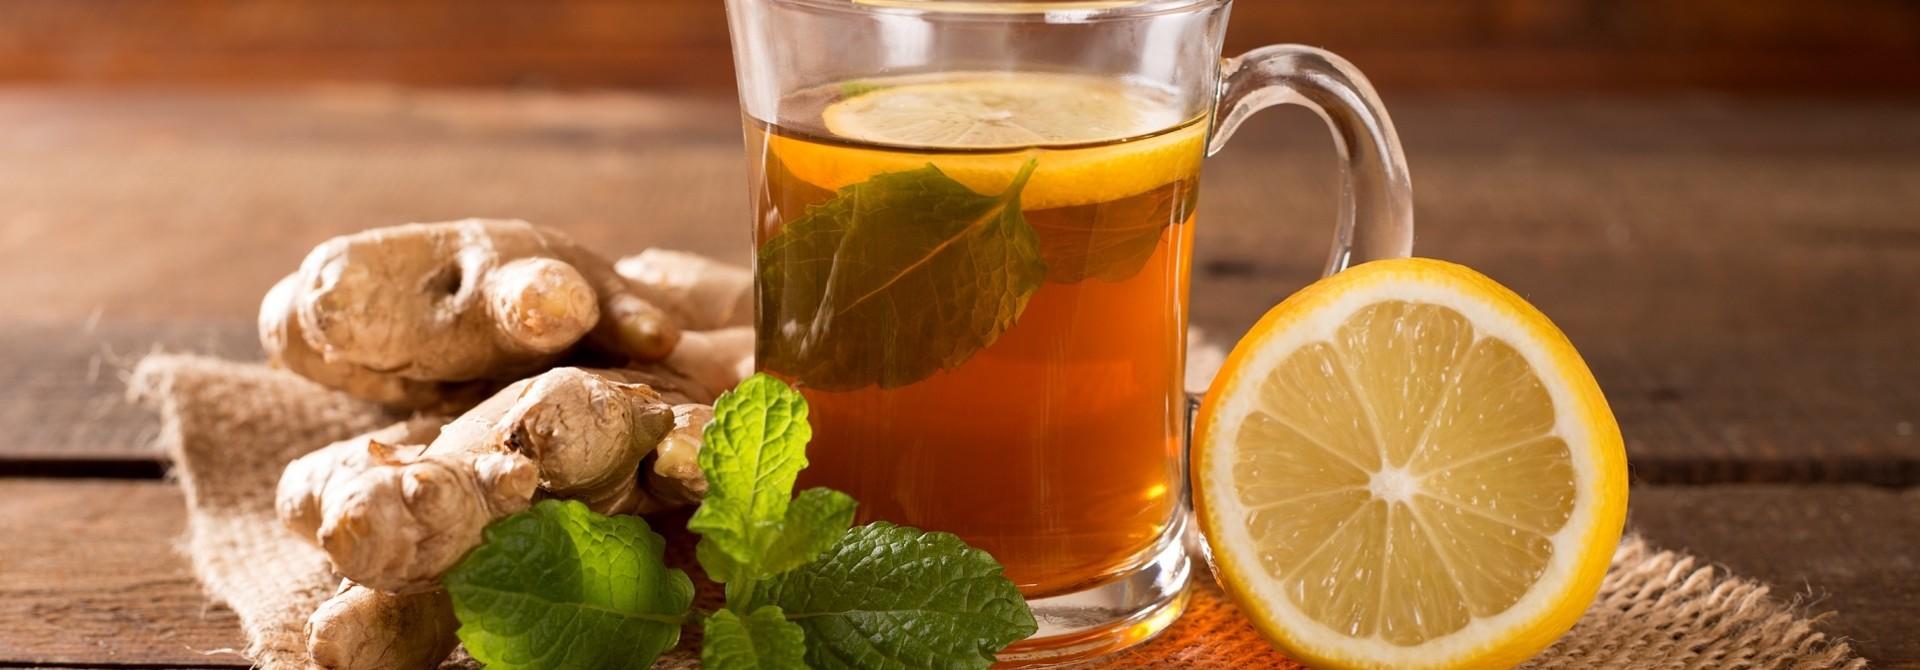 Thé aromatisé selon goût(caféine)